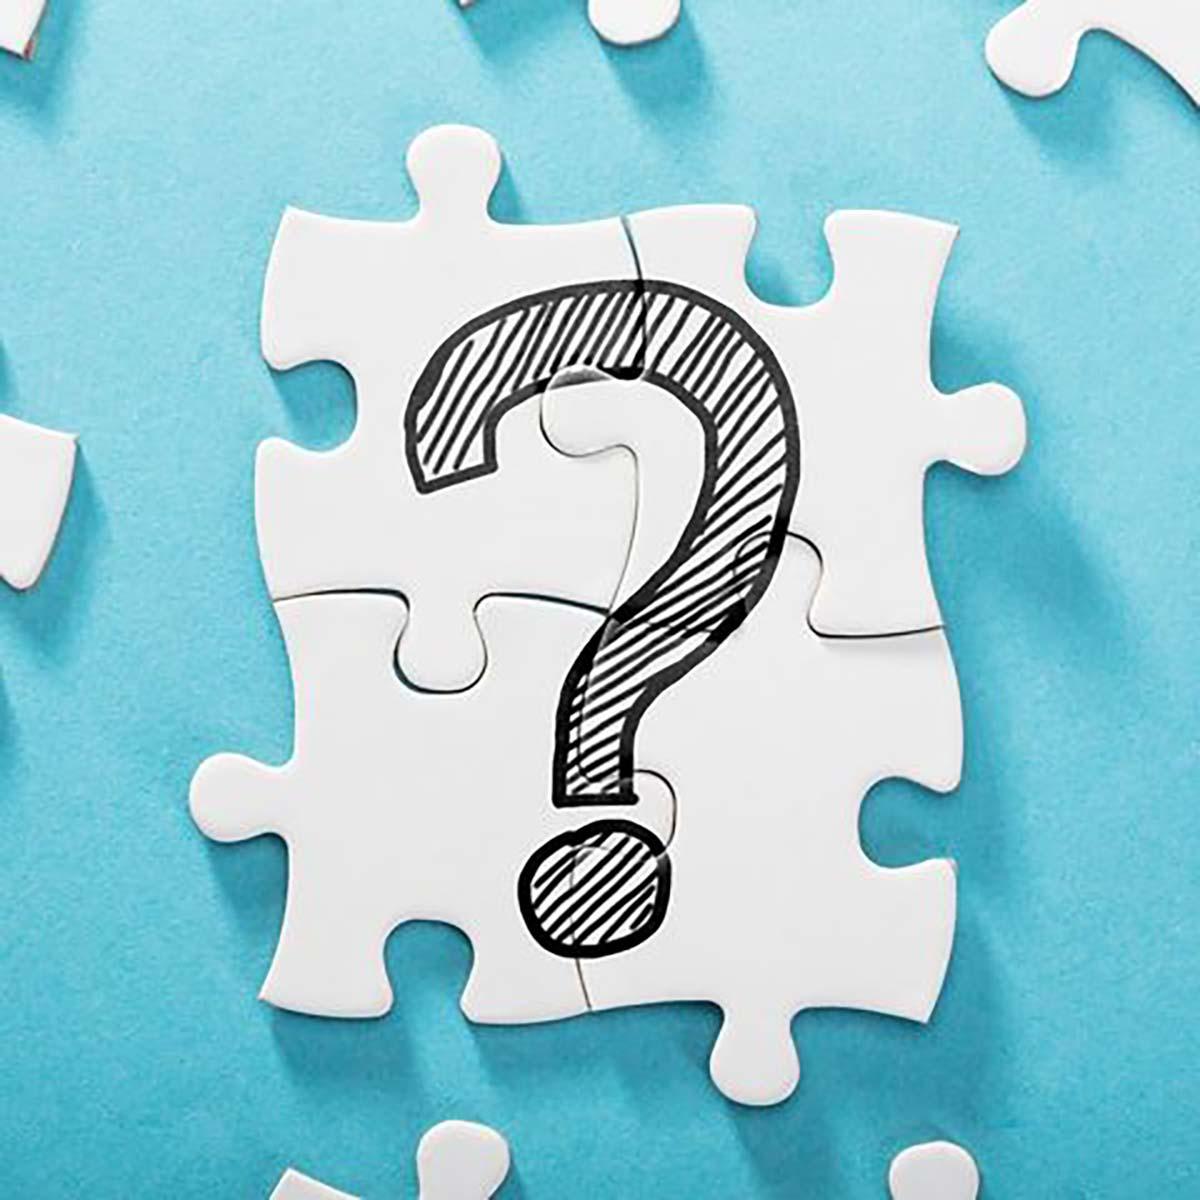 پاسخ به سوالات پارکینسون